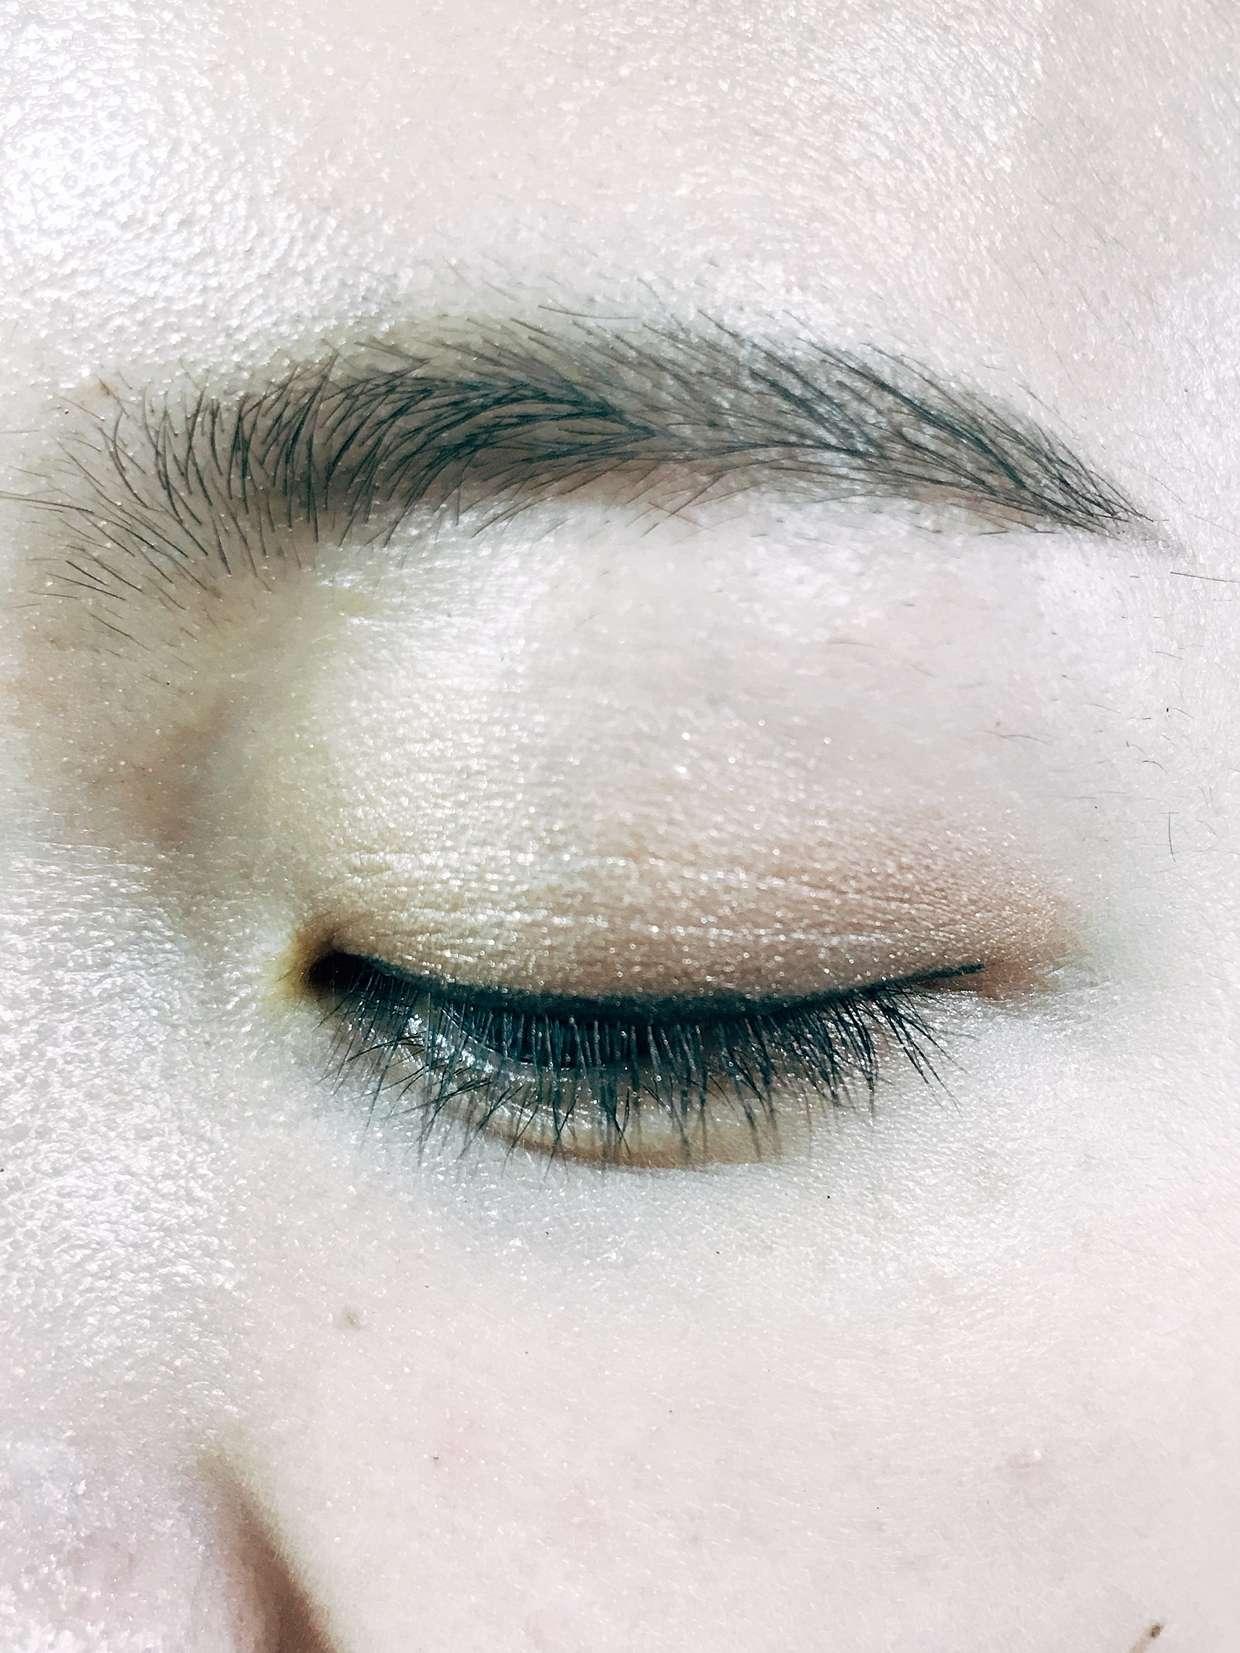 先以A打底整個眼窩,接著用C壓在畫好眼線的地方,然後使用B上在眼褶及整個眼窩後半部,之後輕沾點D上在前眼窩部分,最後用手指或眼影刷稍微暈開顏色界線即可。